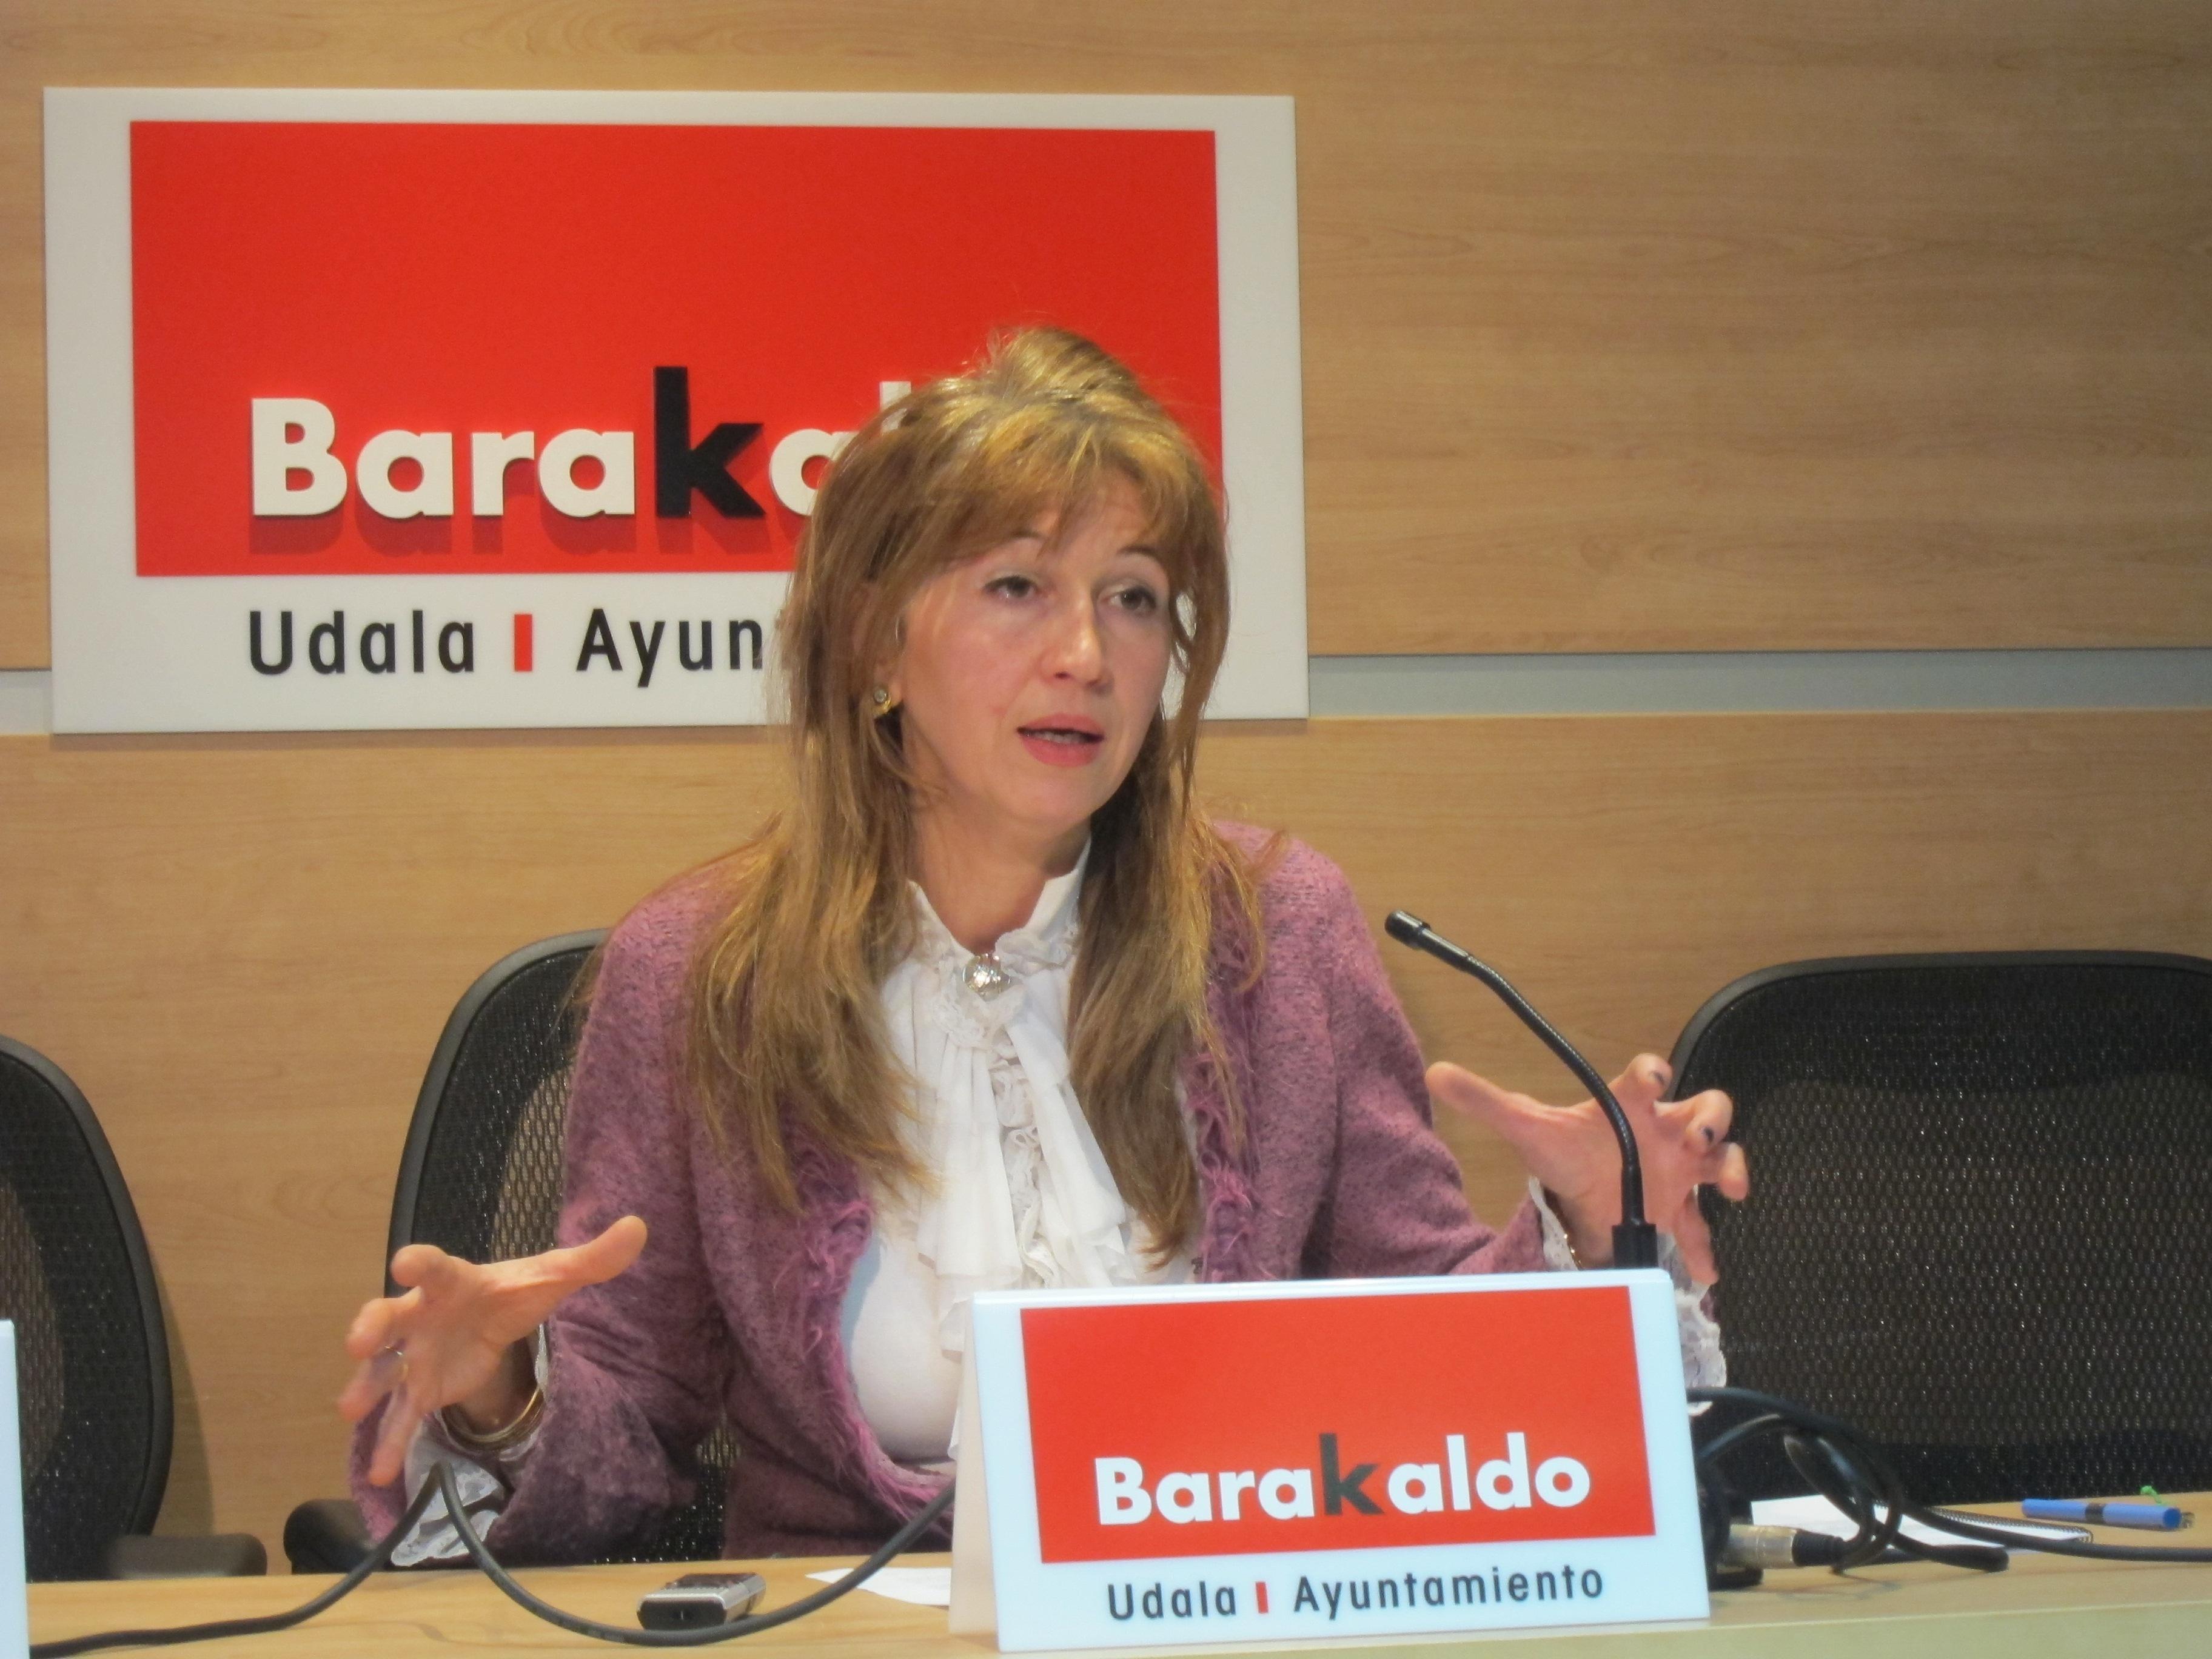 Barakaldo es el primer ayuntamiento vasco que cobra el IBI a los bancos y cajas que se quedan con una vivienda